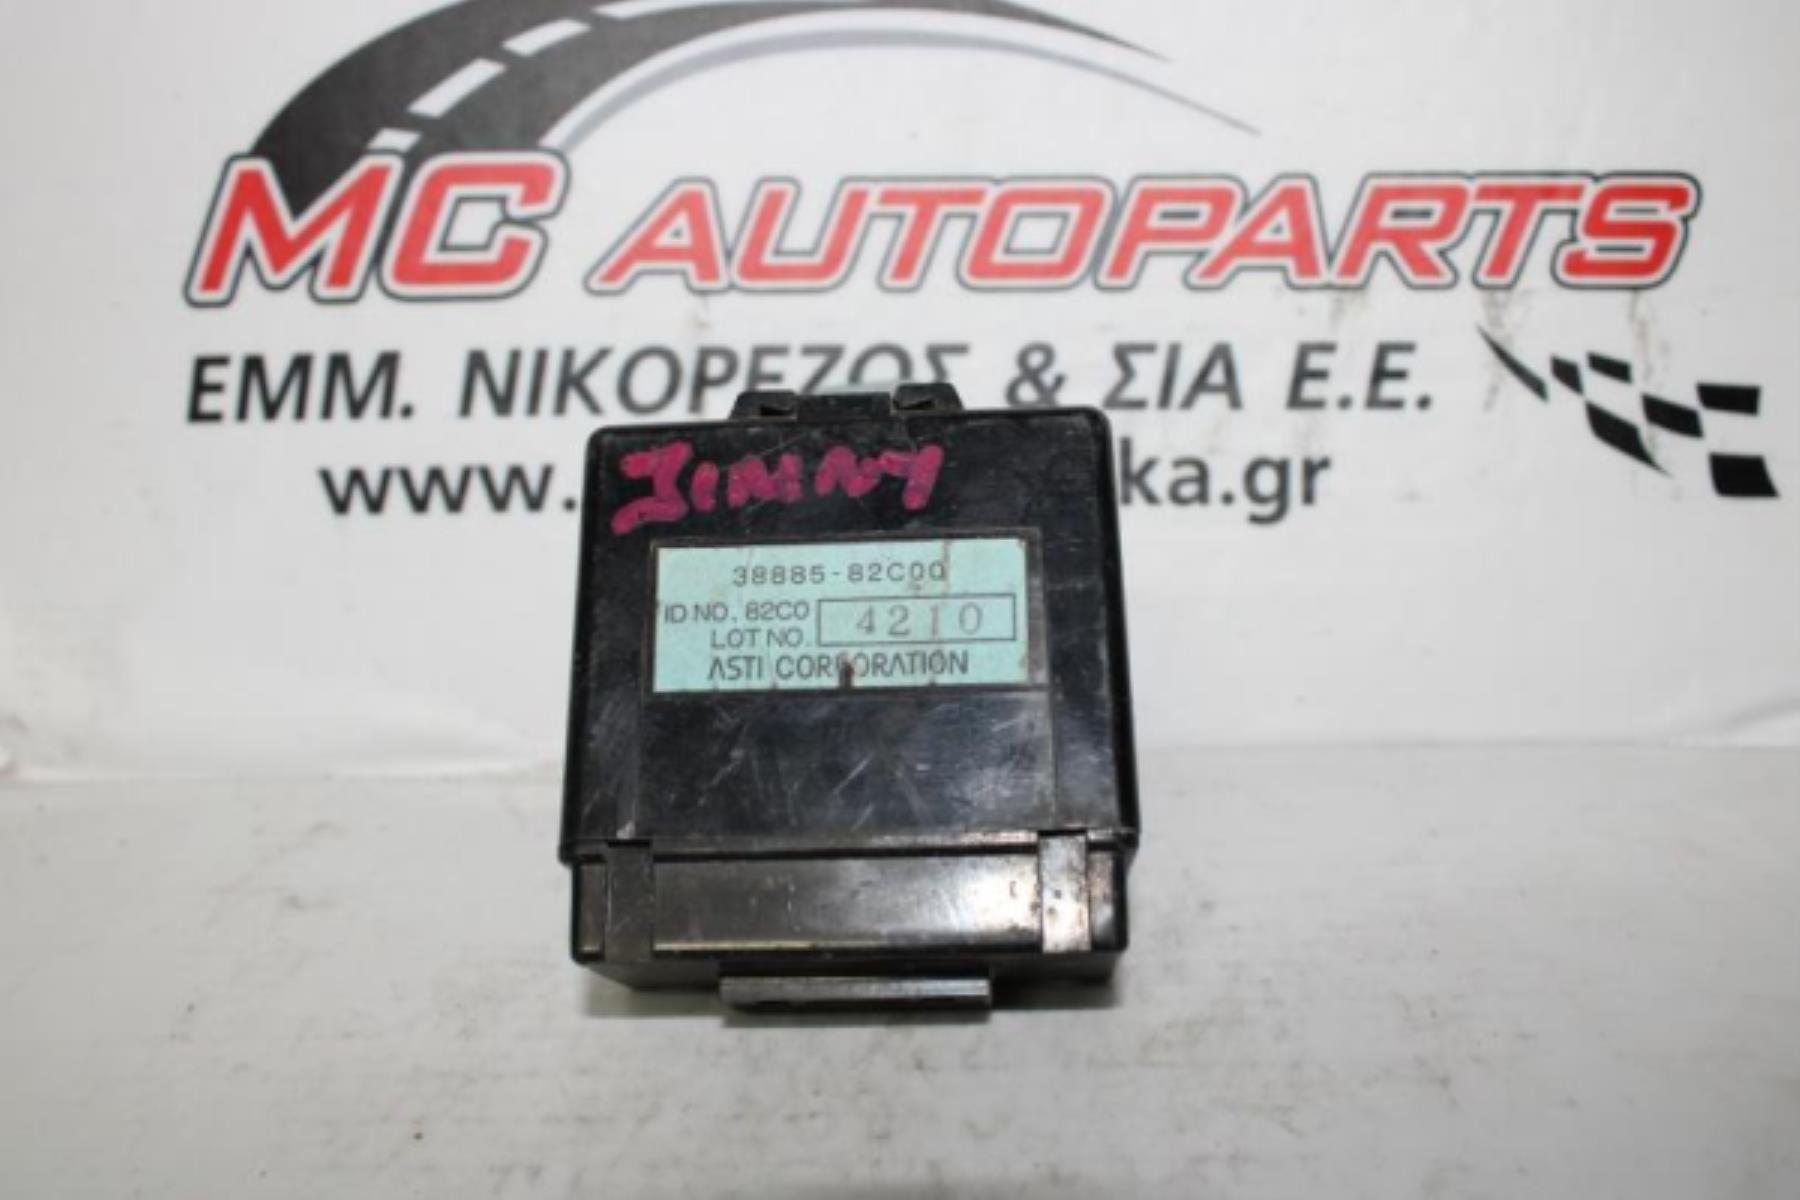 Εικόνα από Πλακέτα  SUZUKI JIMNY (2004-2012)  3888582C00   controller 4WD